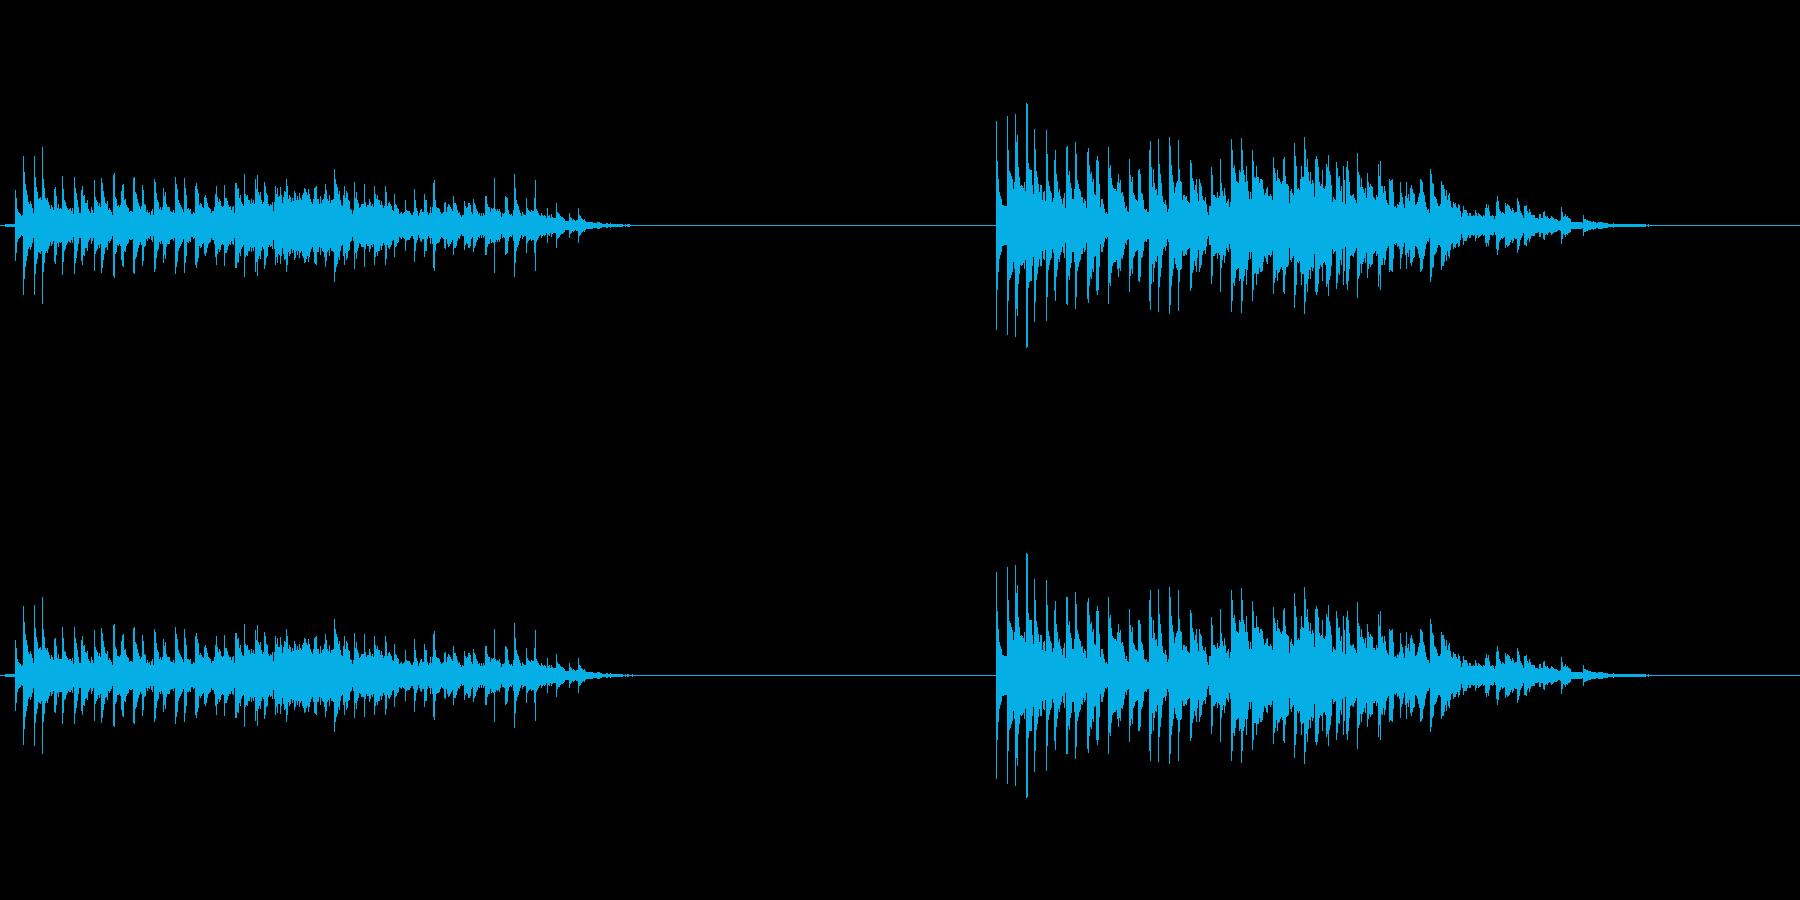 フレキシトーン:振動ラトル、下降の再生済みの波形